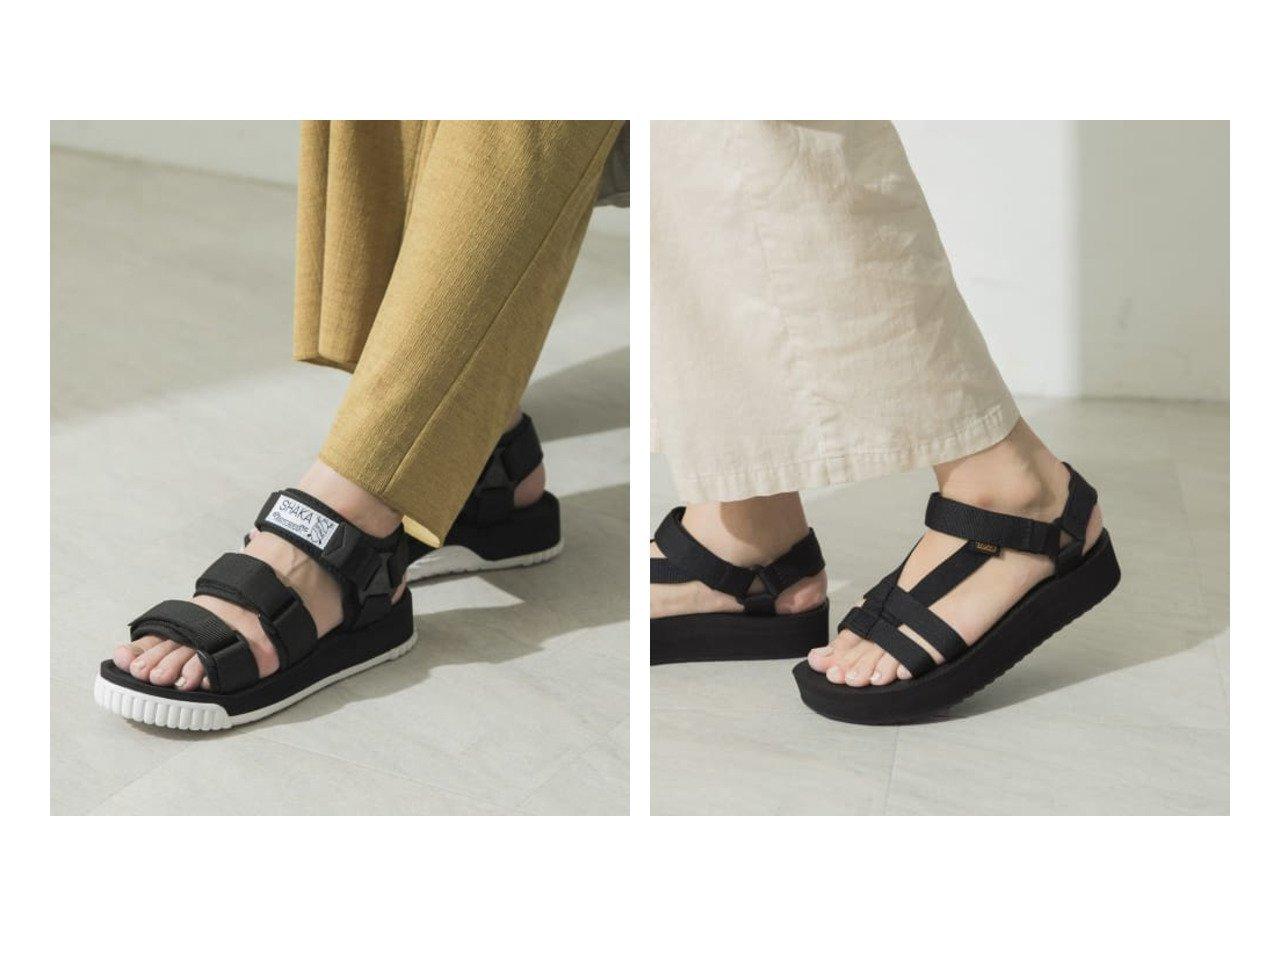 【URBAN RESEARCH/アーバンリサーチ】のTeva MIDFORM ARIVACA&SHAKA NEO BUNGY シューズ・靴のおすすめ!人気、トレンド・レディースファッションの通販 おすすめで人気の流行・トレンド、ファッションの通販商品 メンズファッション・キッズファッション・インテリア・家具・レディースファッション・服の通販 founy(ファニー) https://founy.com/ ファッション Fashion レディースファッション WOMEN コレクション サンダル シューズ スポーツ ビーチ ラップ クッション モチーフ |ID:crp329100000023329